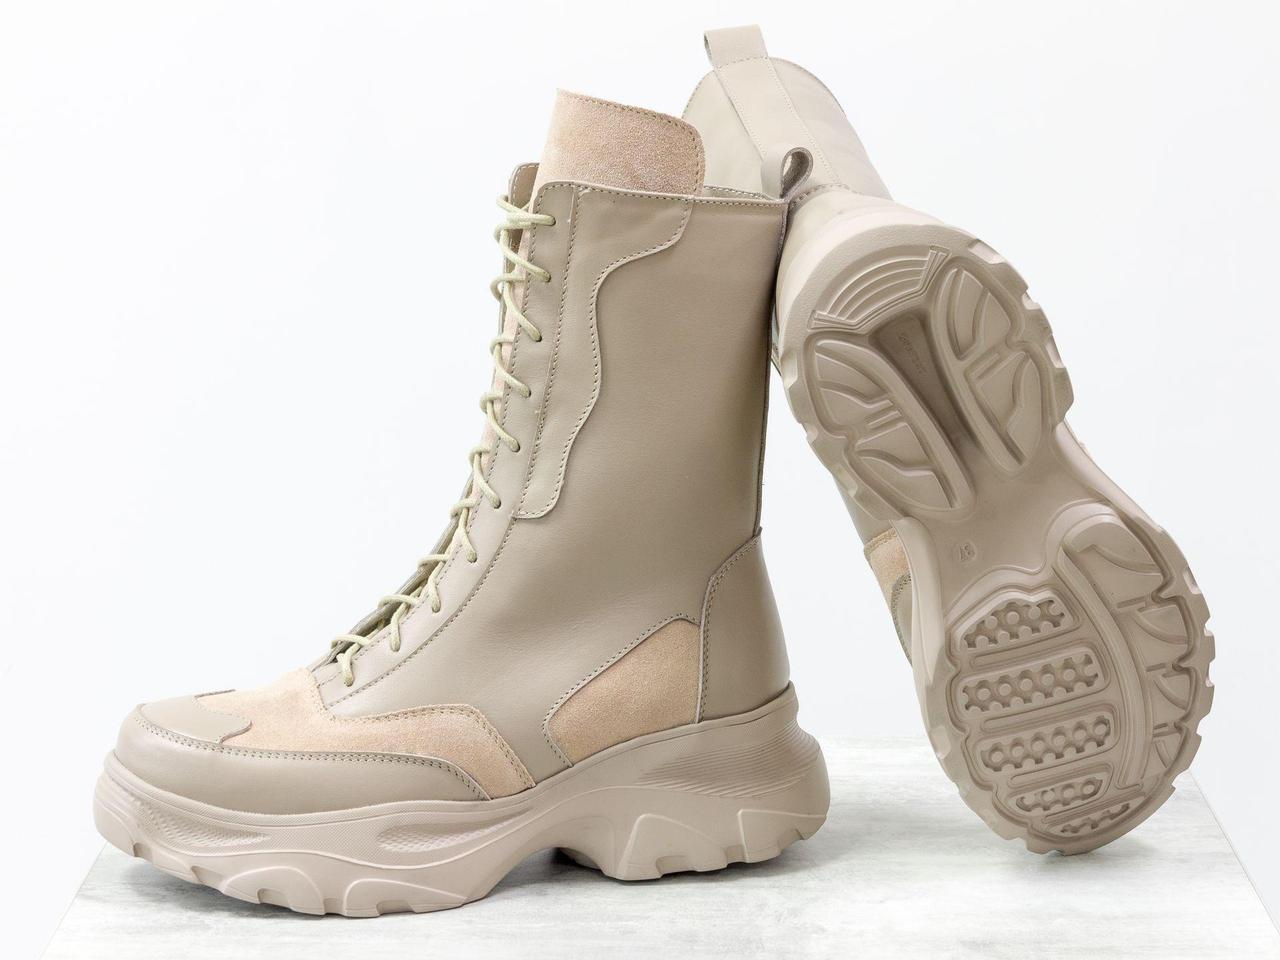 Высокие ботинки берцы 40 размер - фото 6